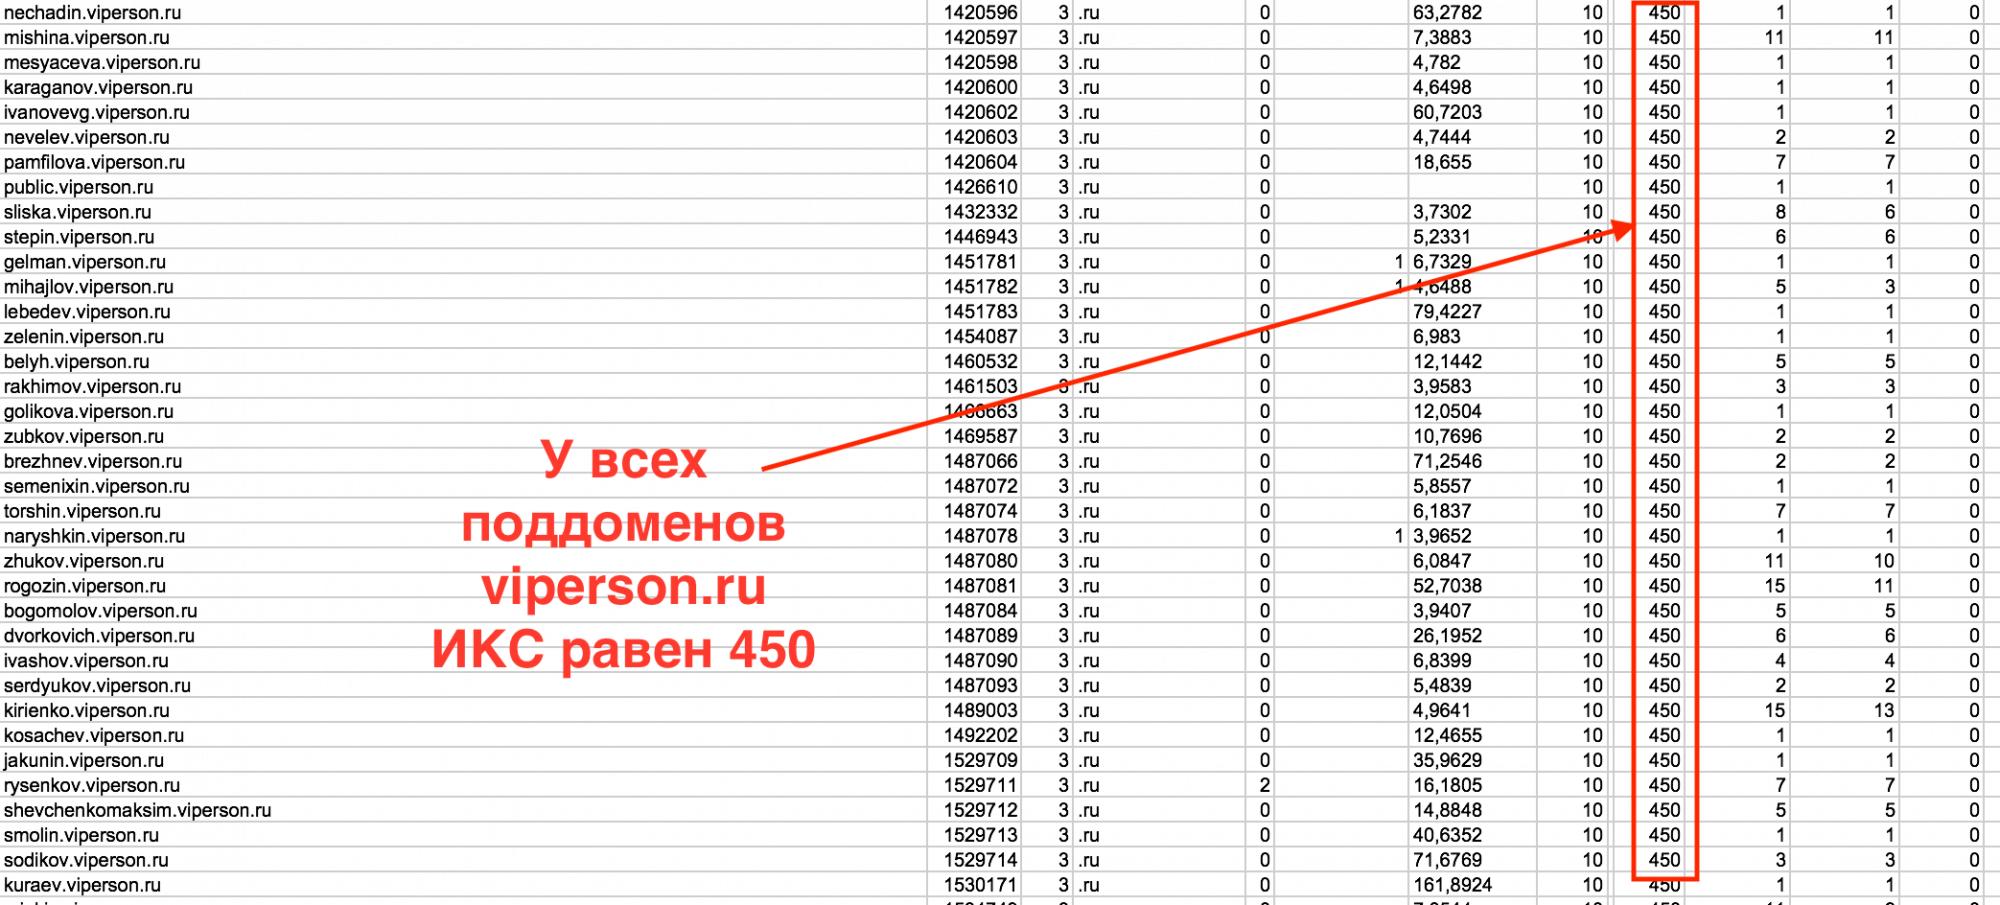 ИКС на поддоменах равен ИКСу основного домена.png